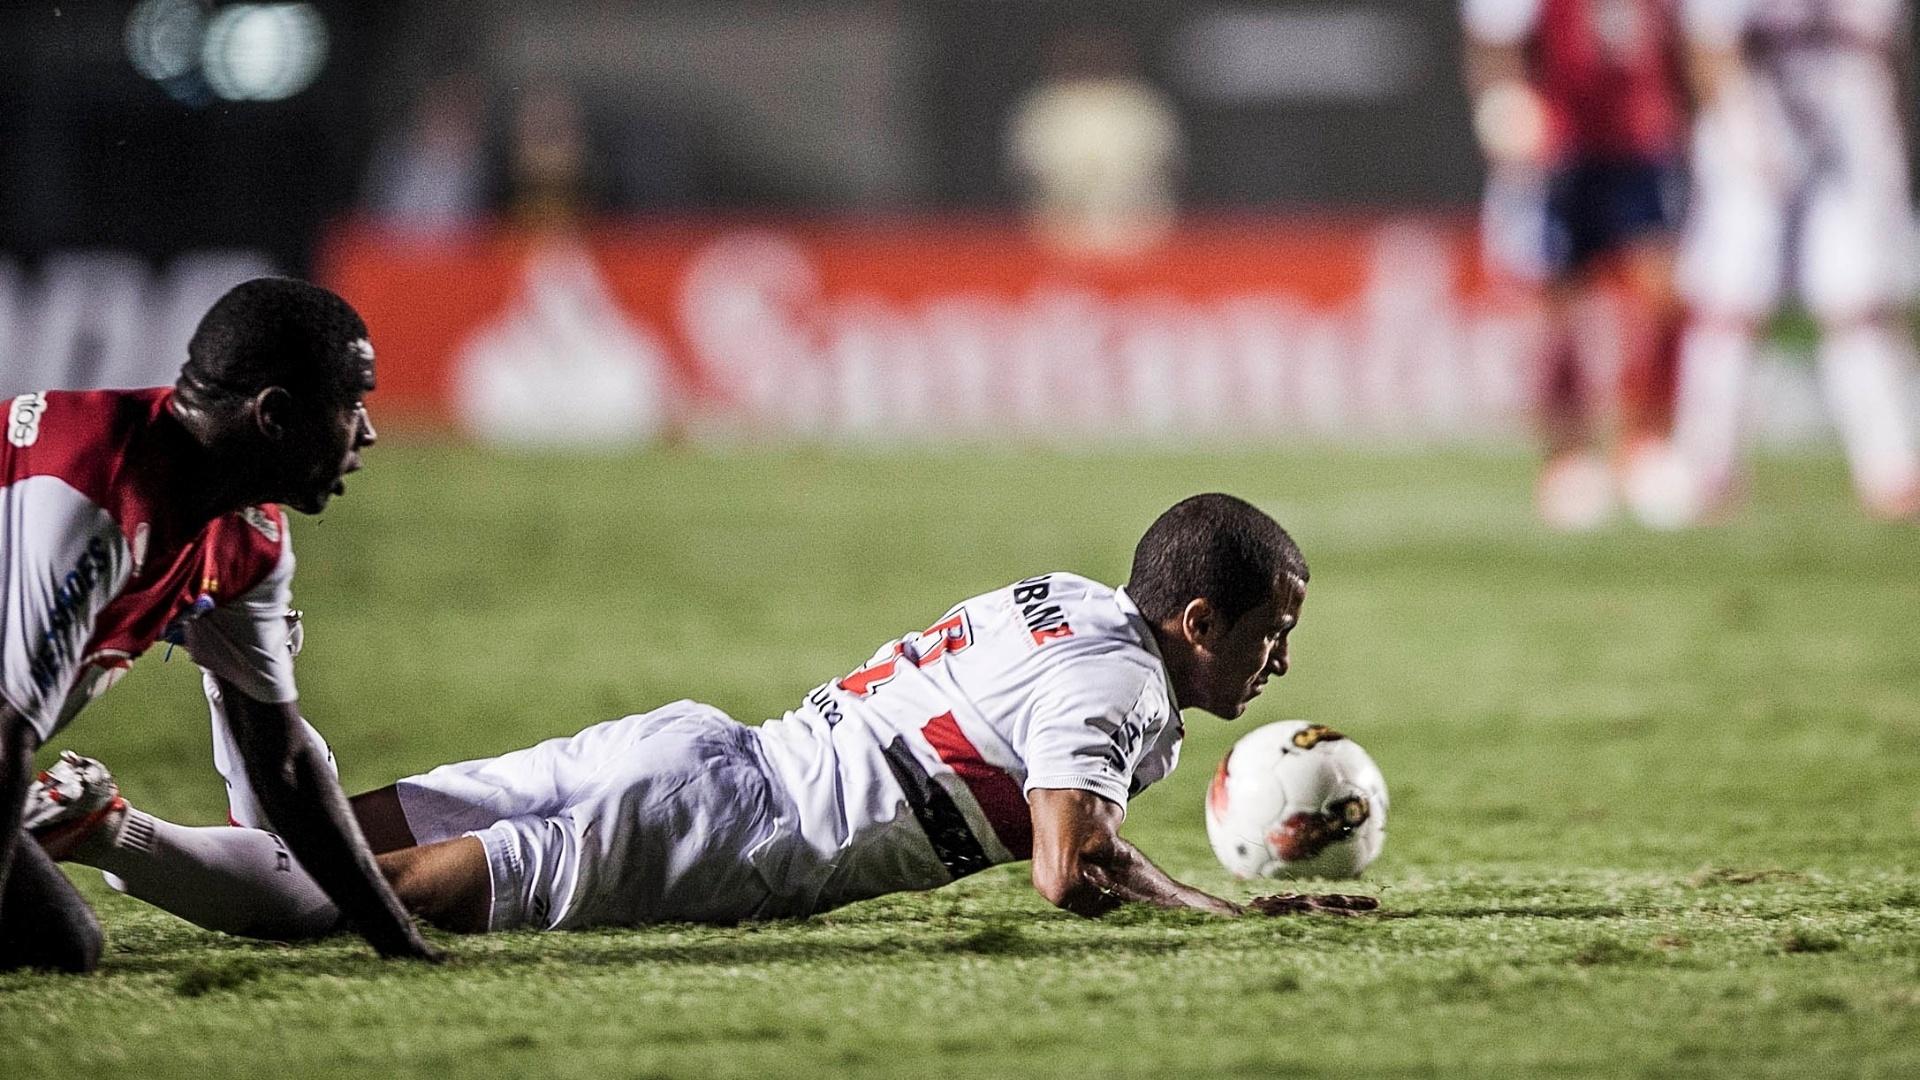 Lucas fica no chão após sofrer falta de jogador do Bahia